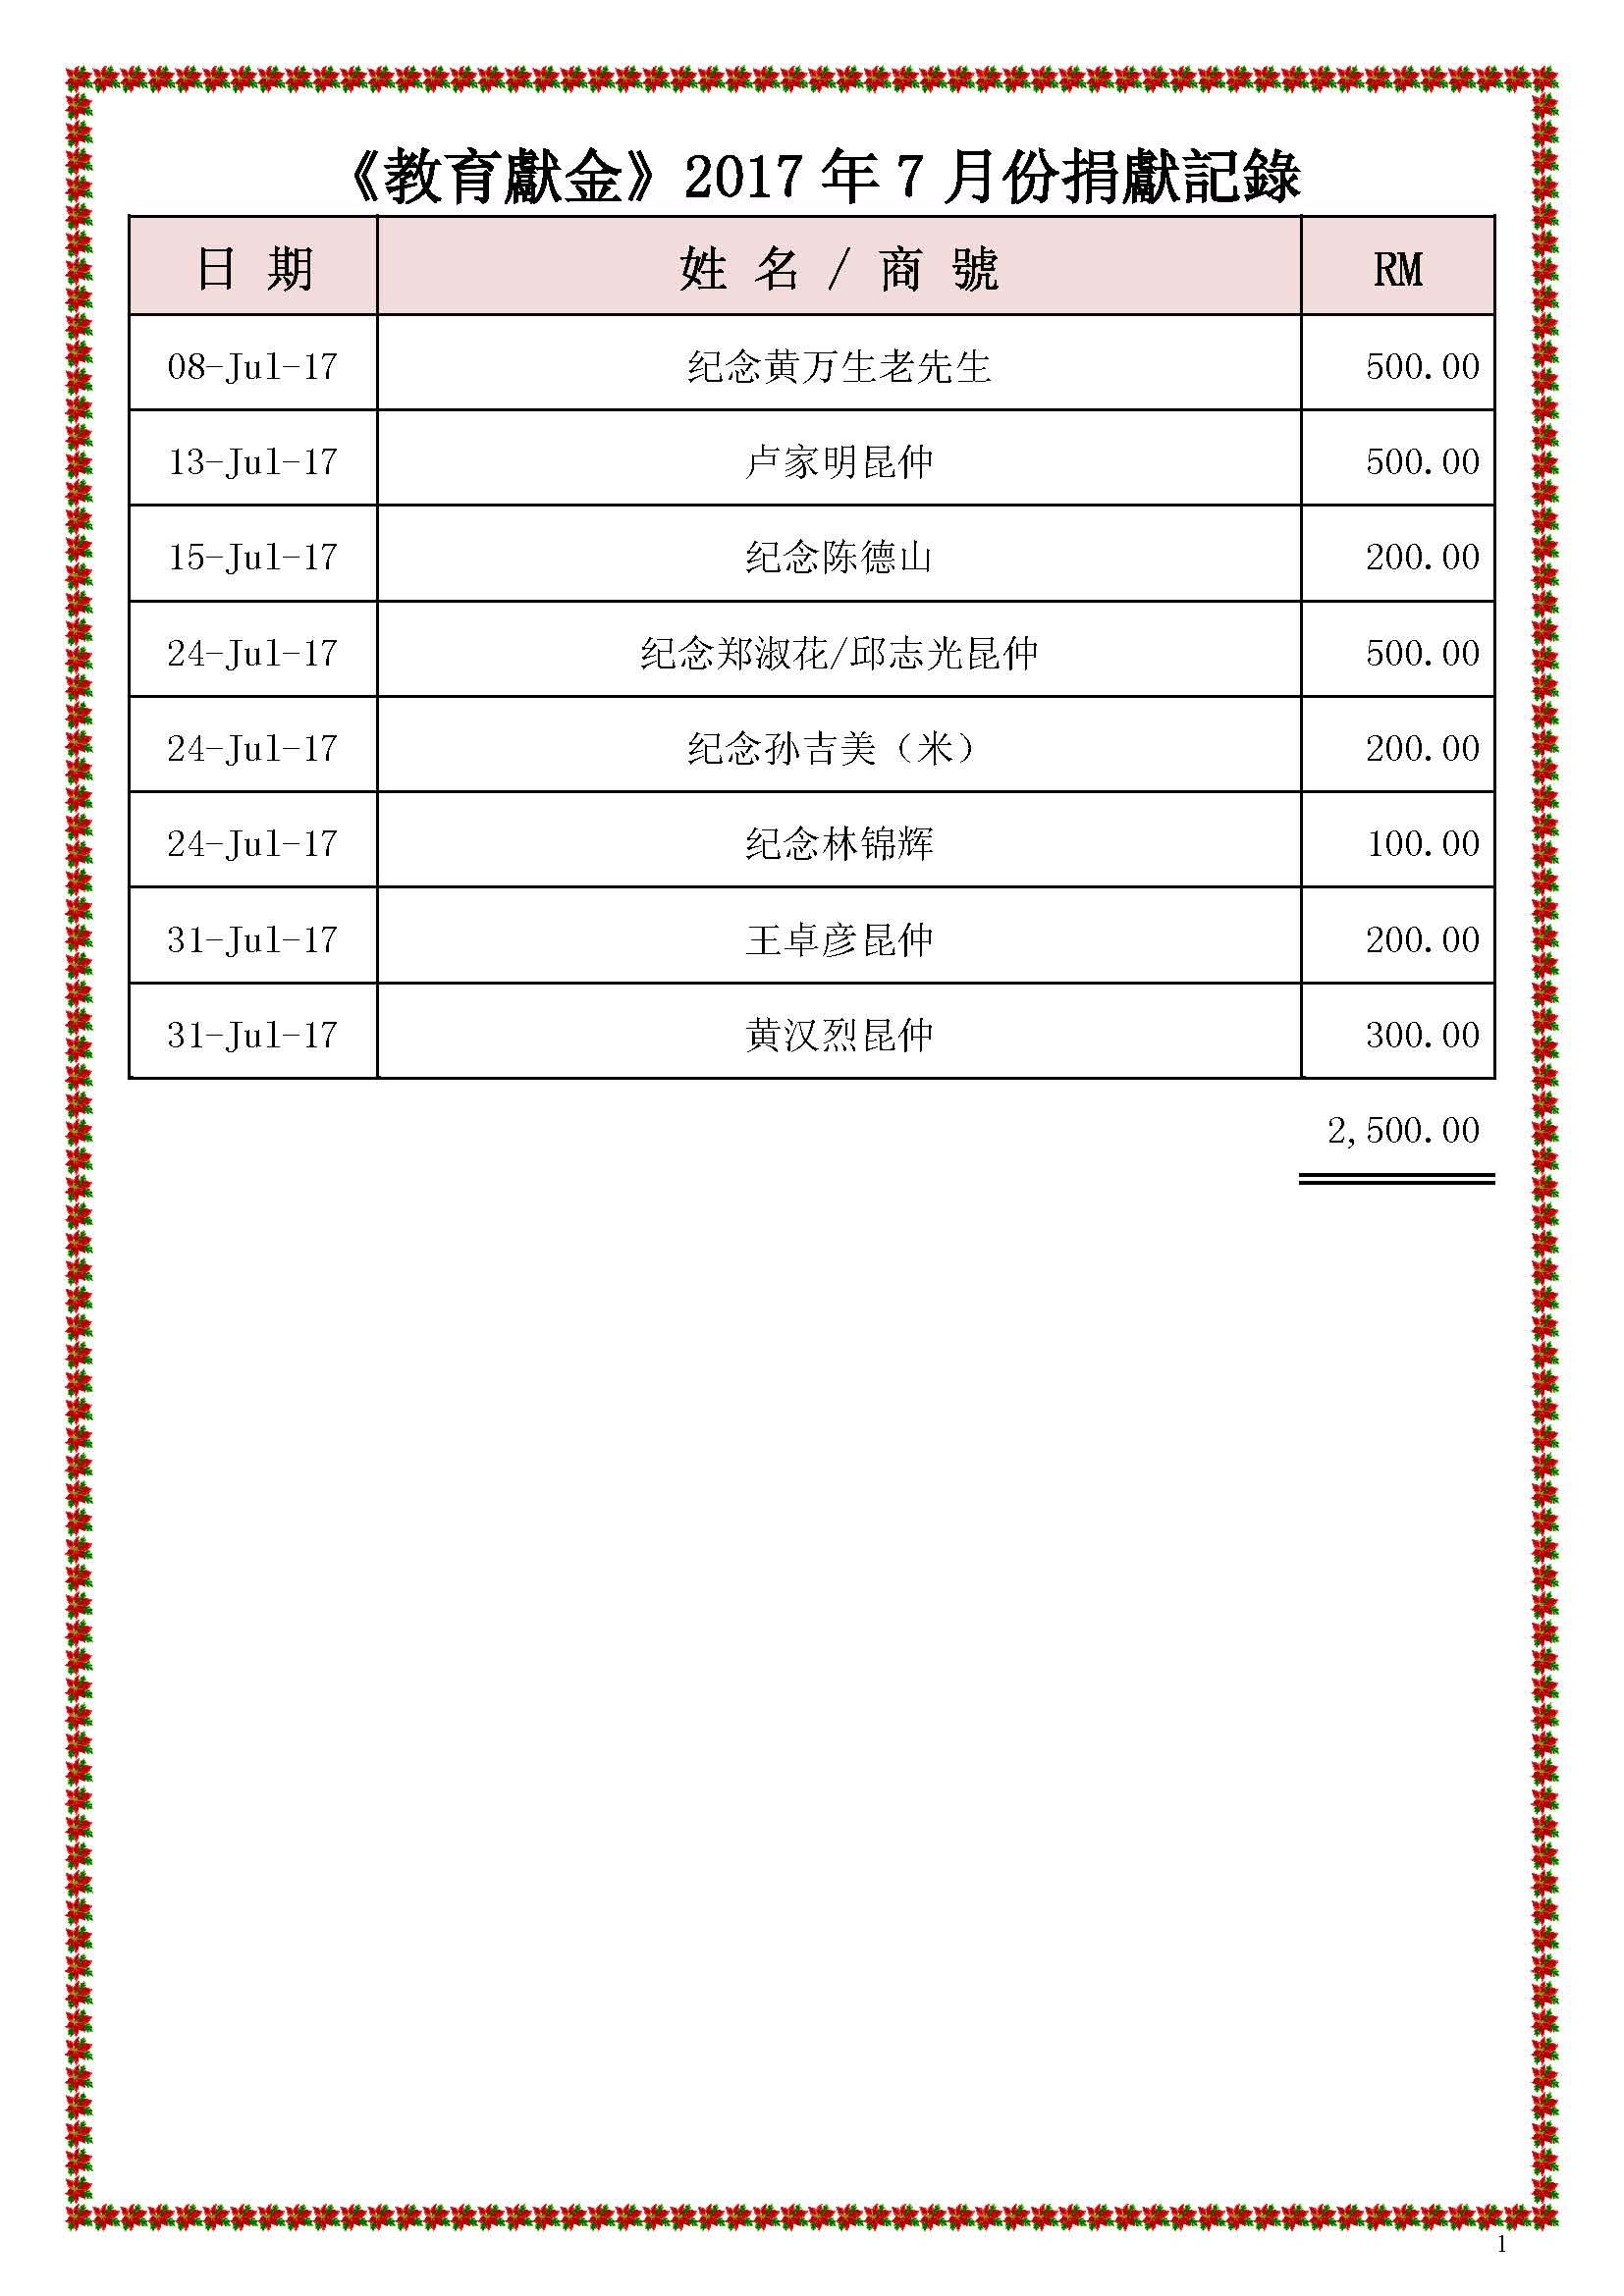 2017年7月份捐献名单